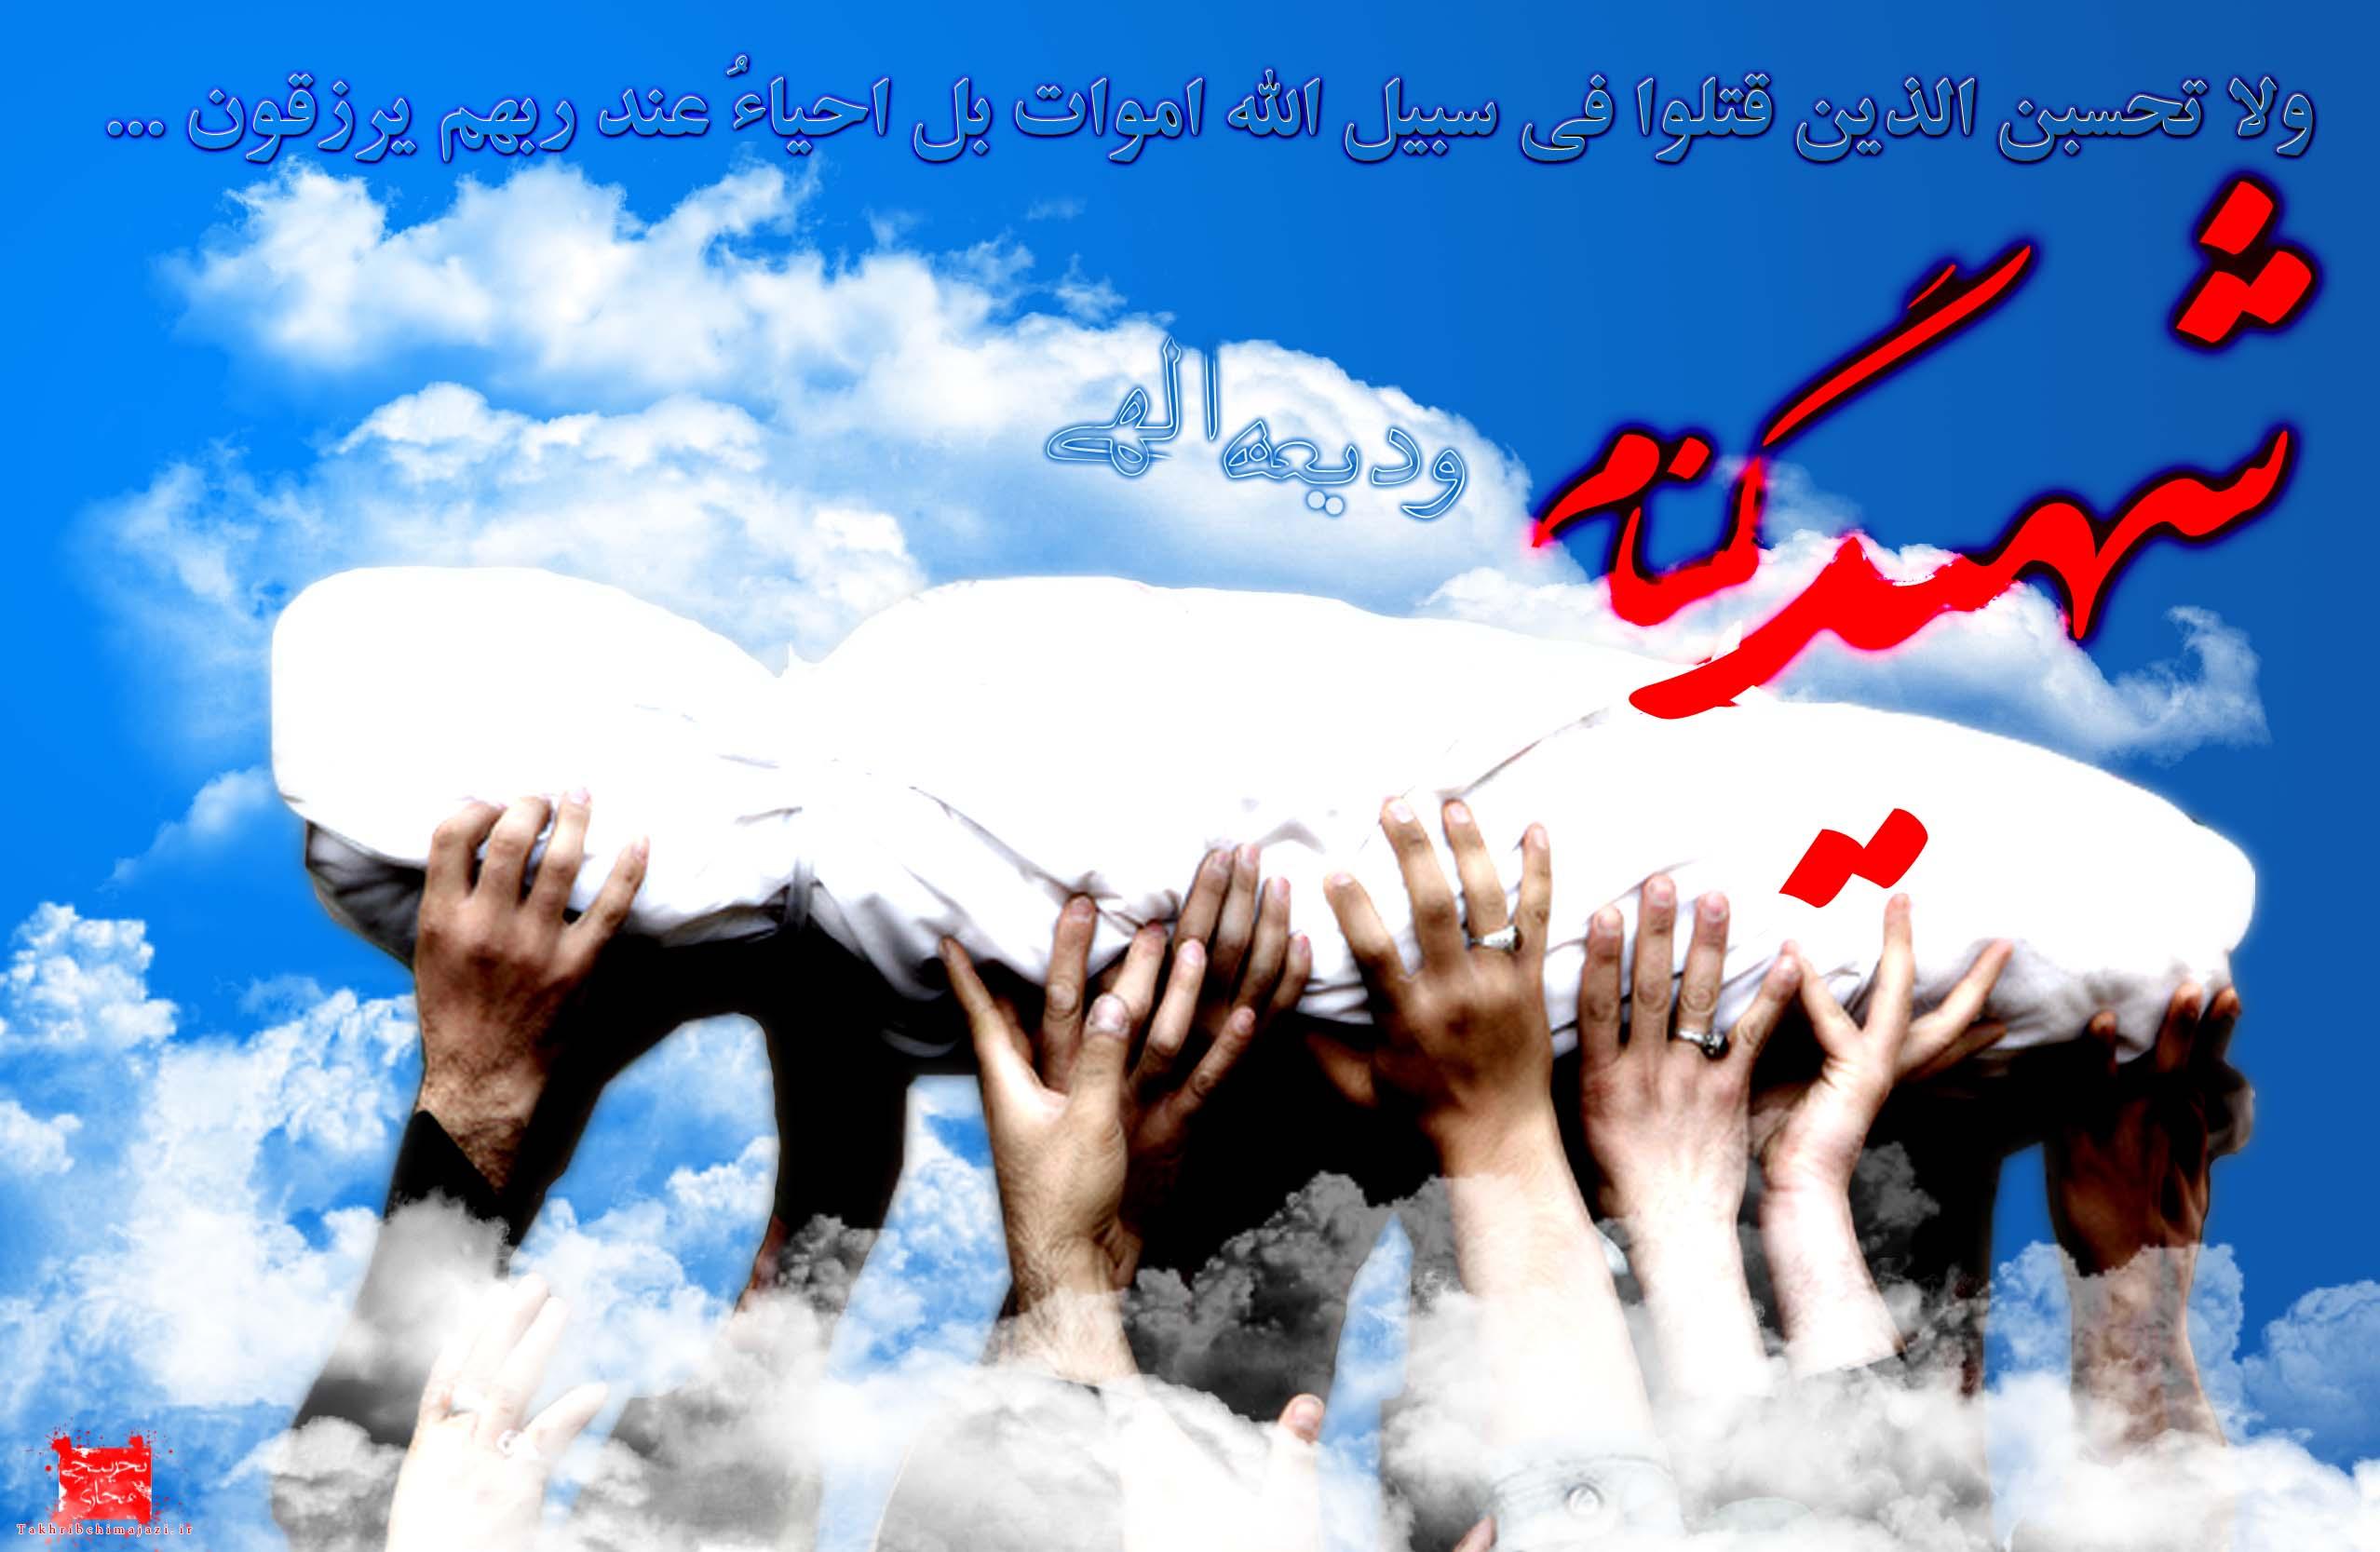 سرهنگ پاسدارصادق زاده خبر داد؛ کاروان شاهدان بصیر در راه شهرستان داراب هستند